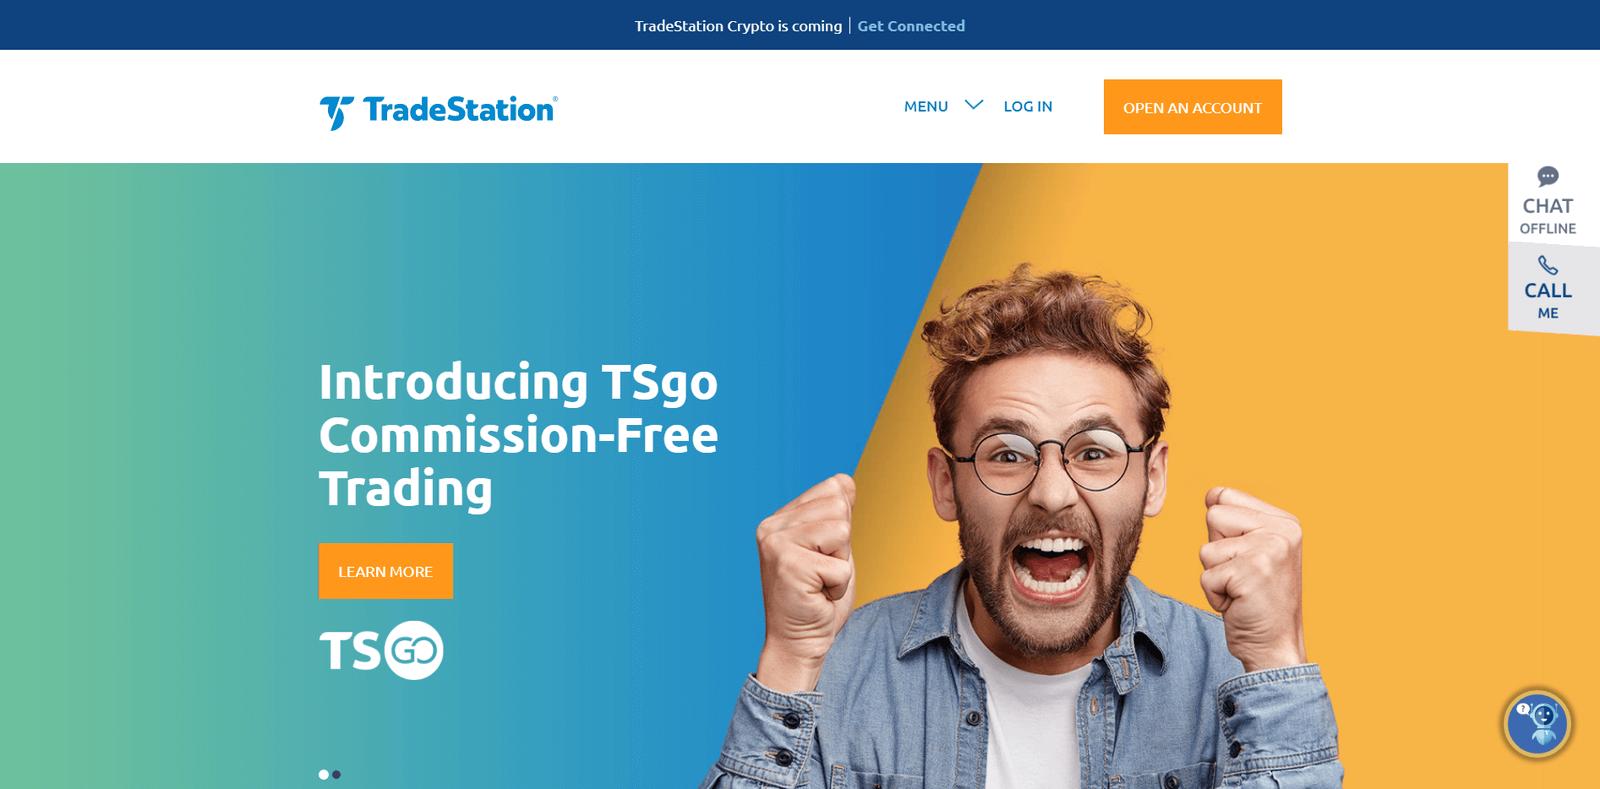 TradeStation-1